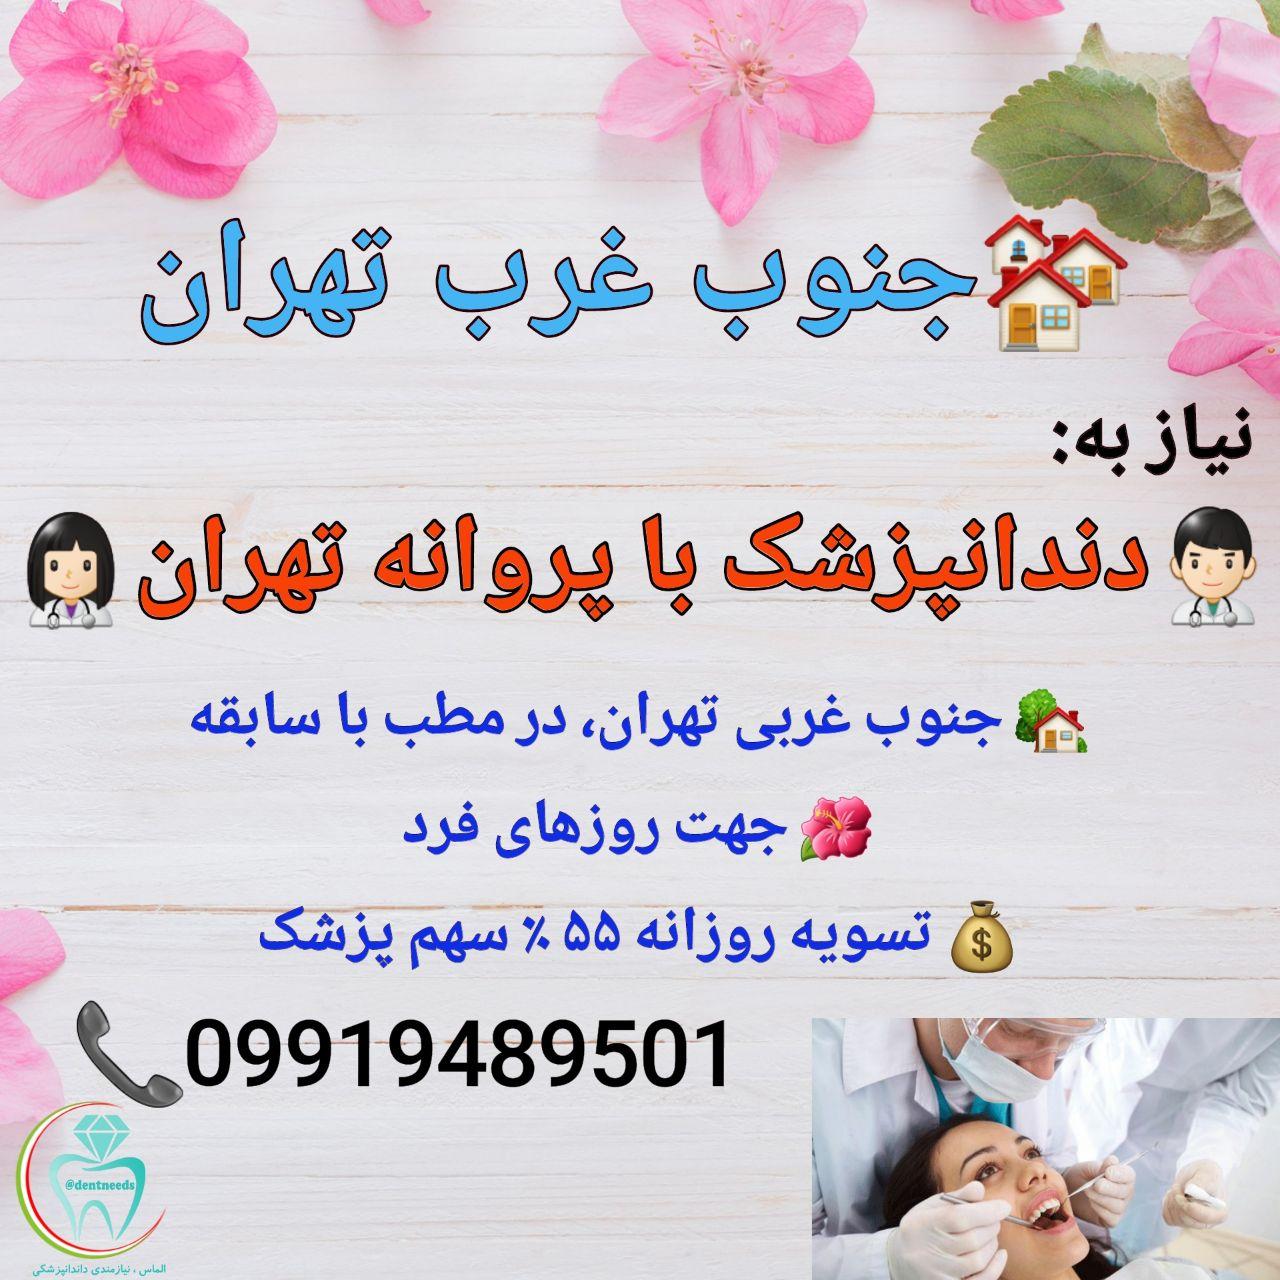 جنوب غرب تهران: نیاز به دندانپزشک با پروانه تهران